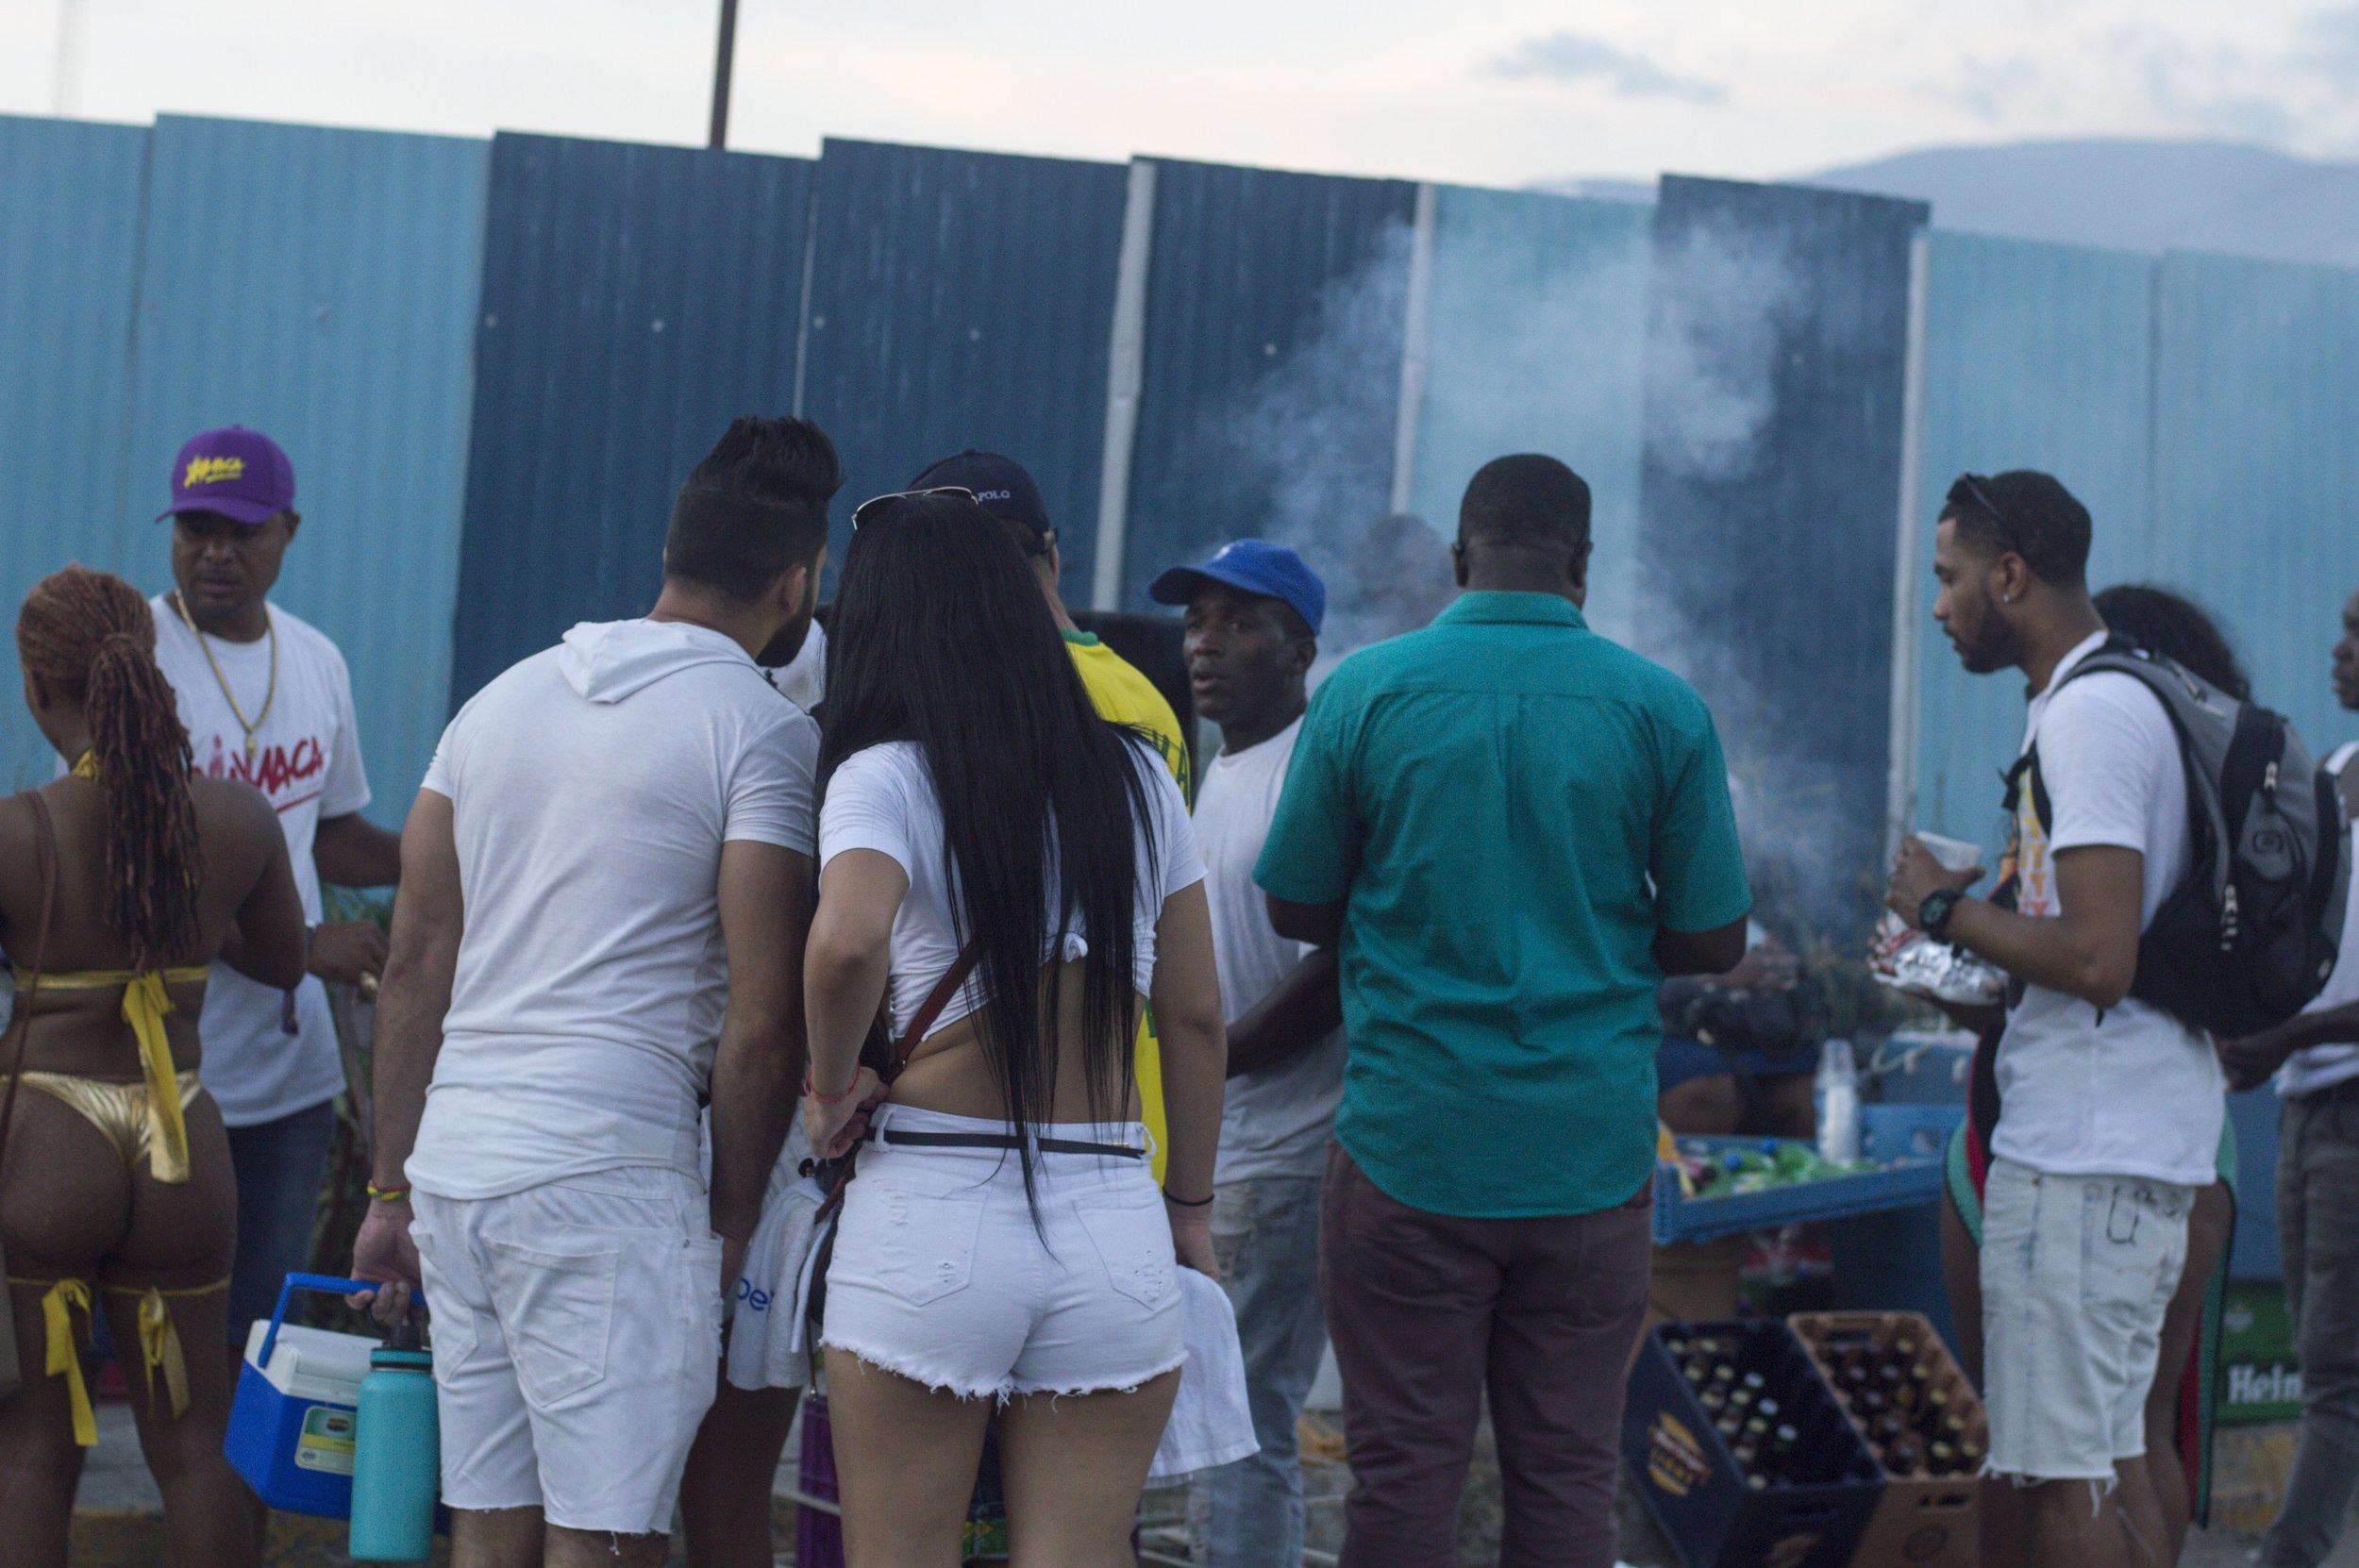 carnival2019_jeanalindo-84.jpg